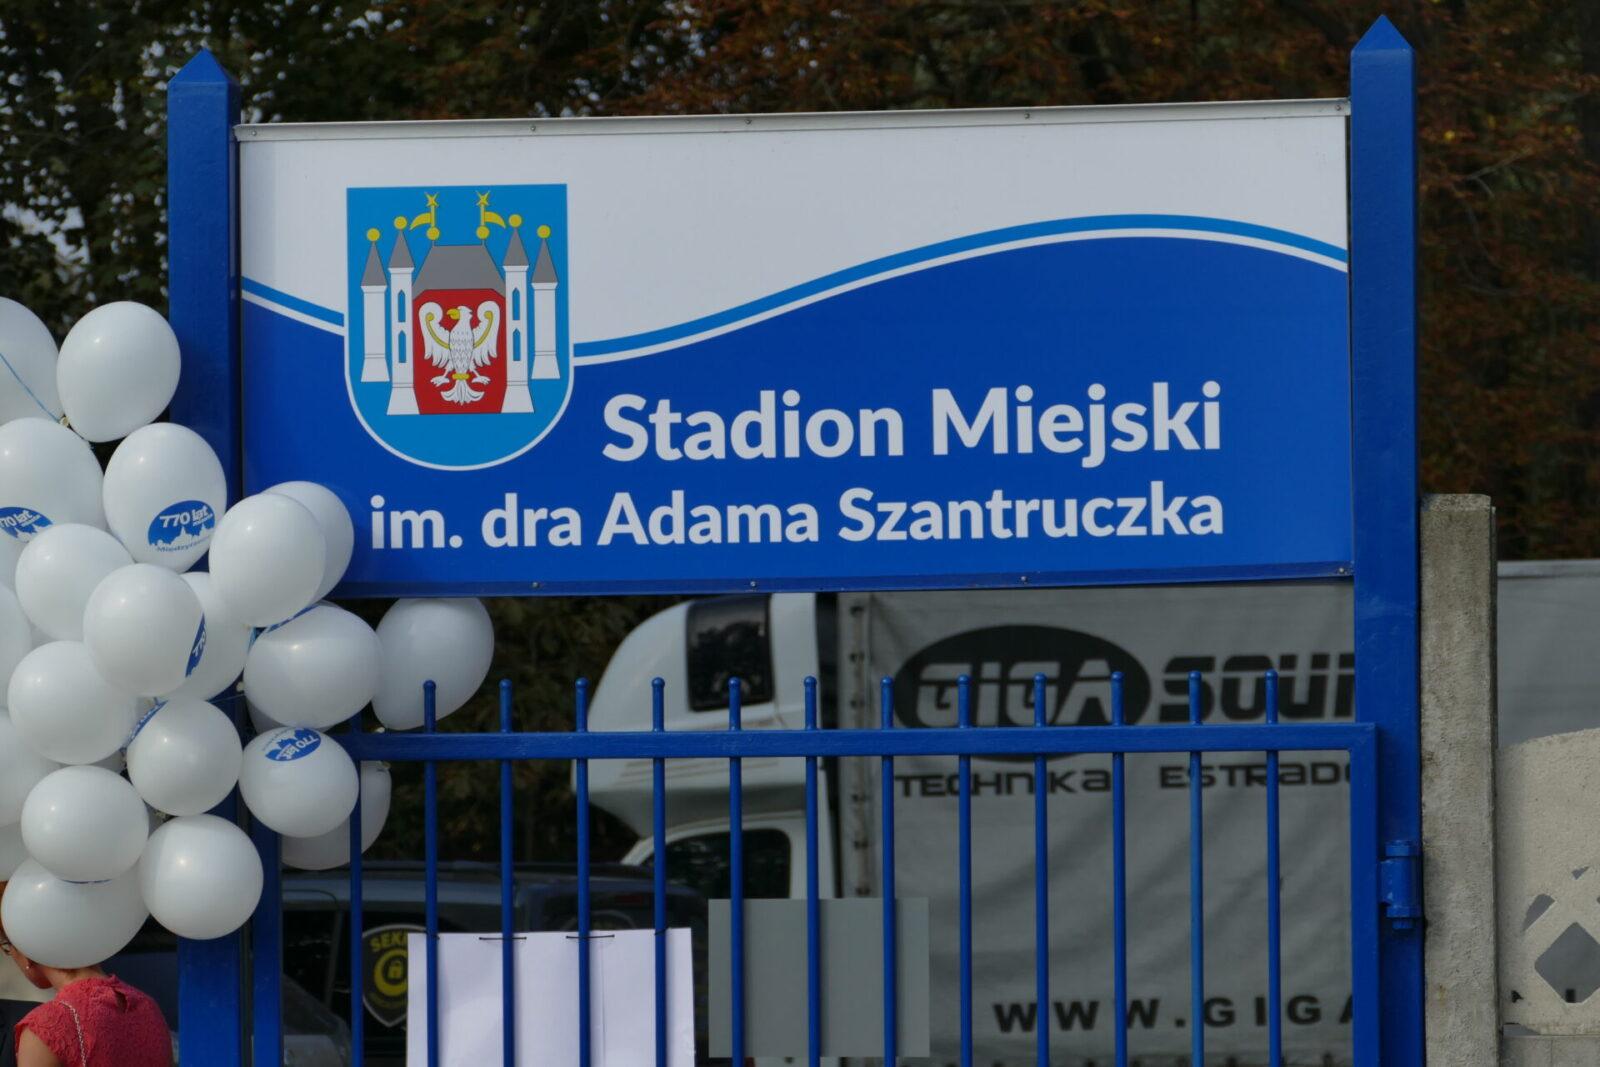 Stadion - Tablica informacyjna z nazwą umieszczona przy wejściu na obiekt.